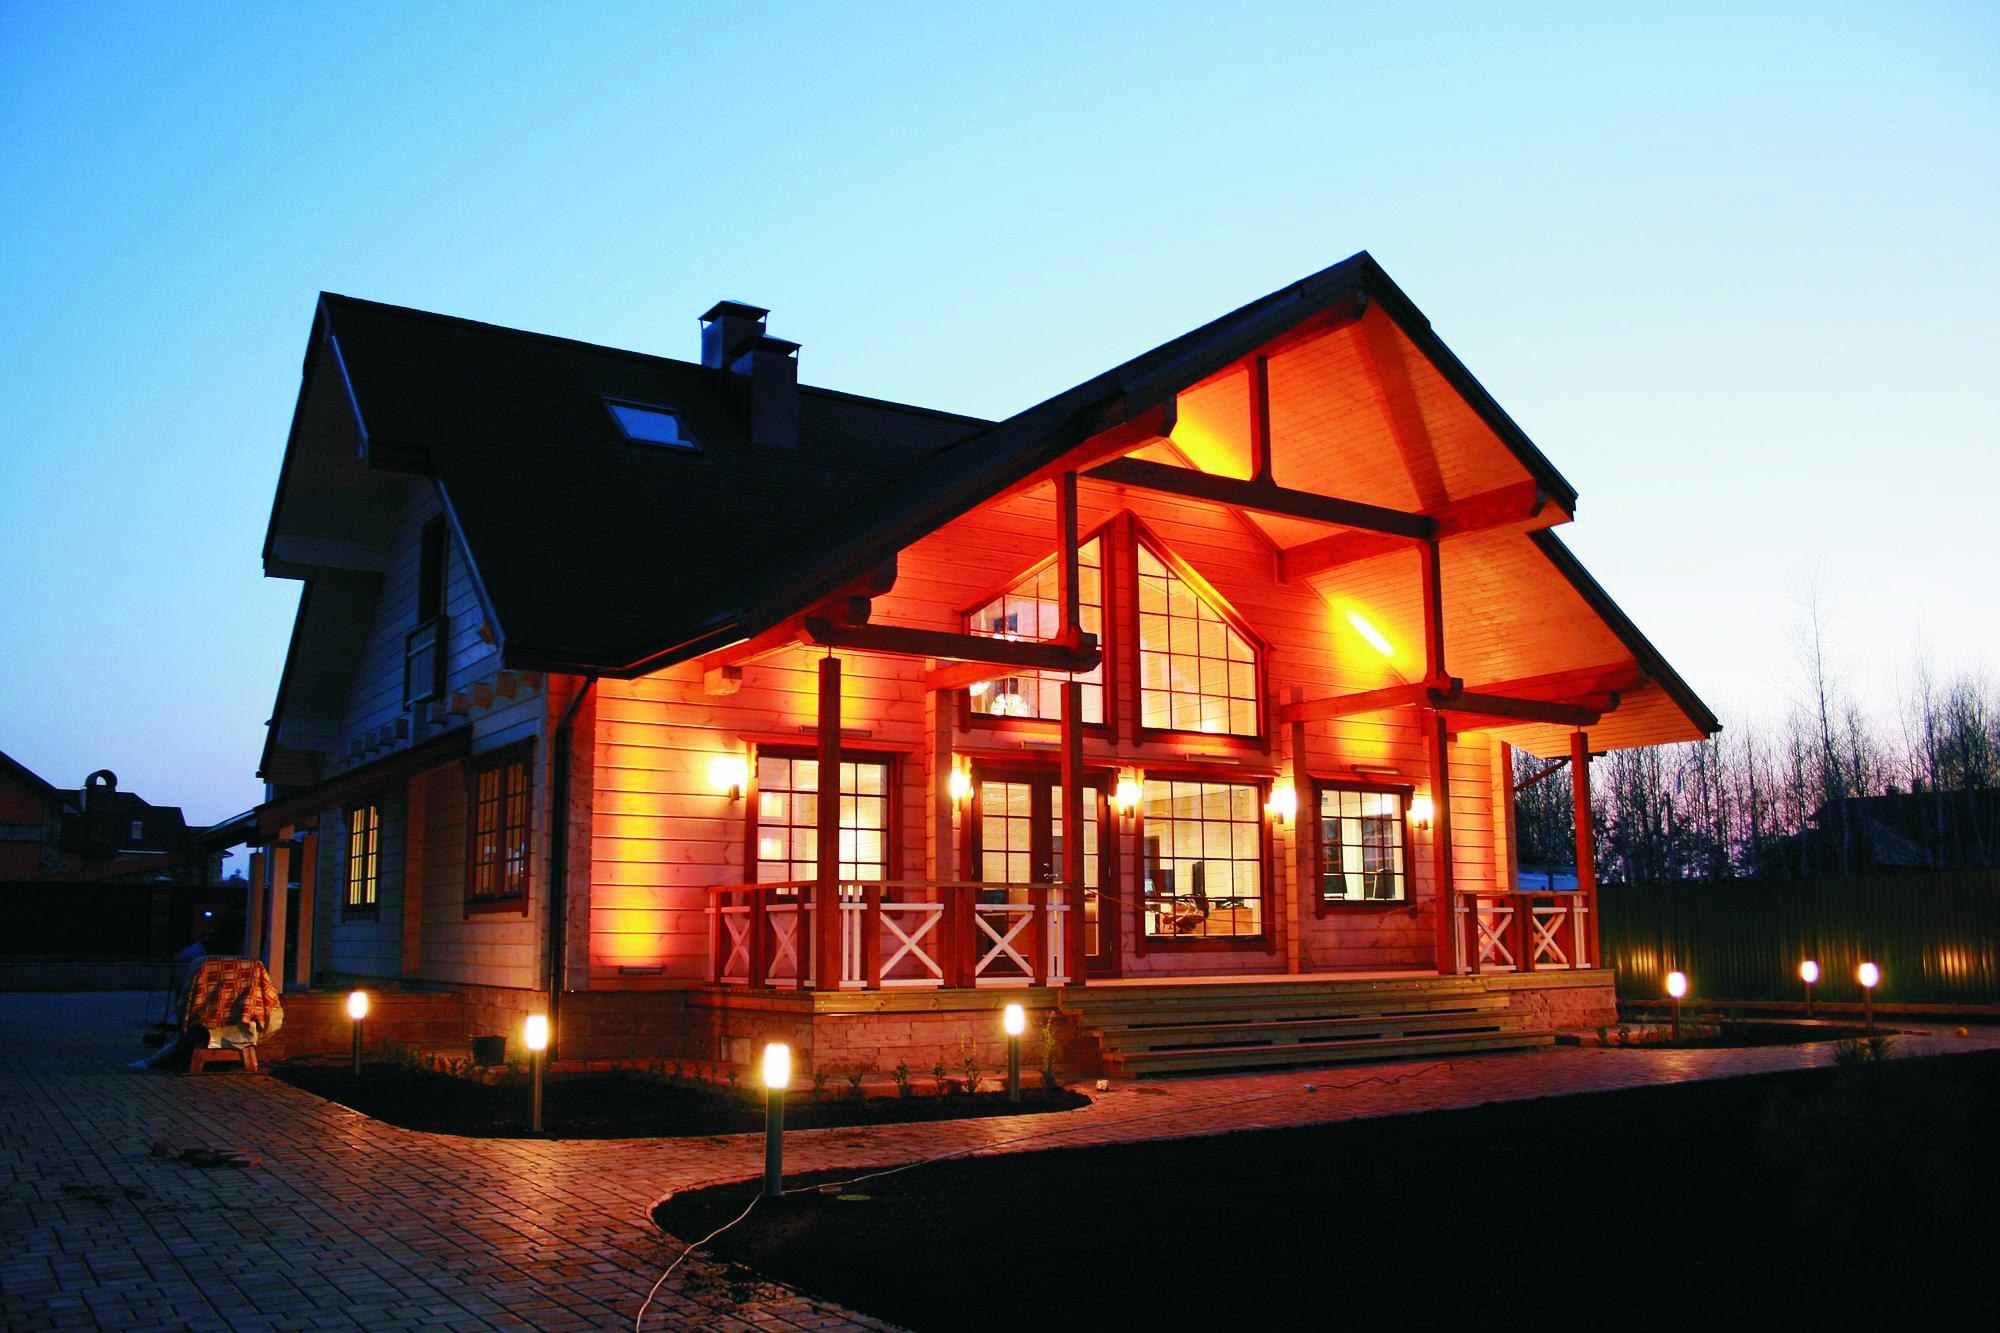 Финские дома из клееного бруса с вечерними огнями